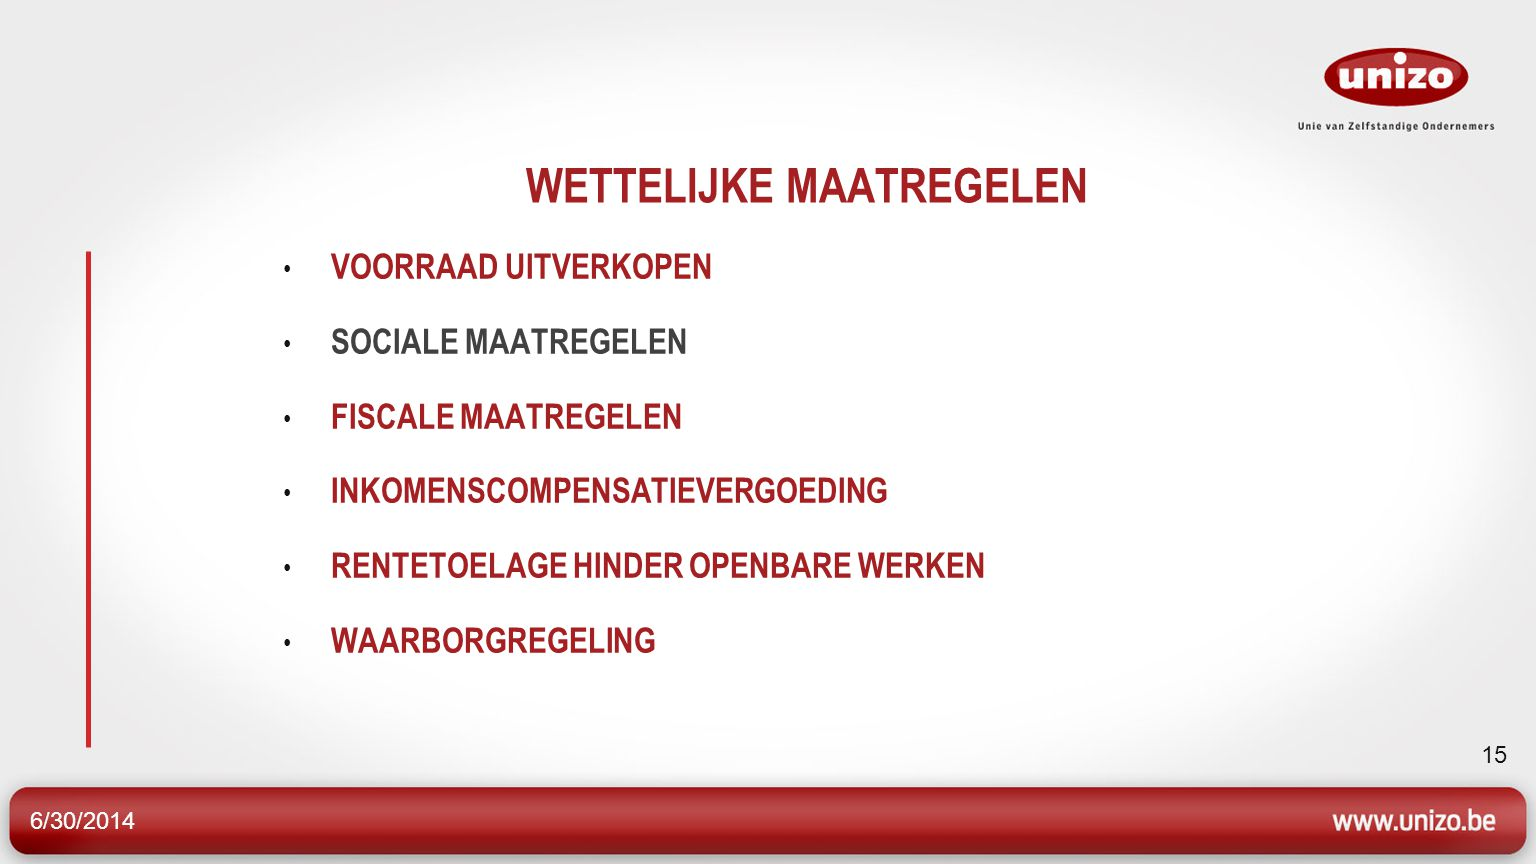 6/30/2014 15 WETTELIJKE MAATREGELEN • VOORRAAD UITVERKOPEN • SOCIALE MAATREGELEN • FISCALE MAATREGELEN • INKOMENSCOMPENSATIEVERGOEDING • RENTETOELAGE HINDER OPENBARE WERKEN • WAARBORGREGELING